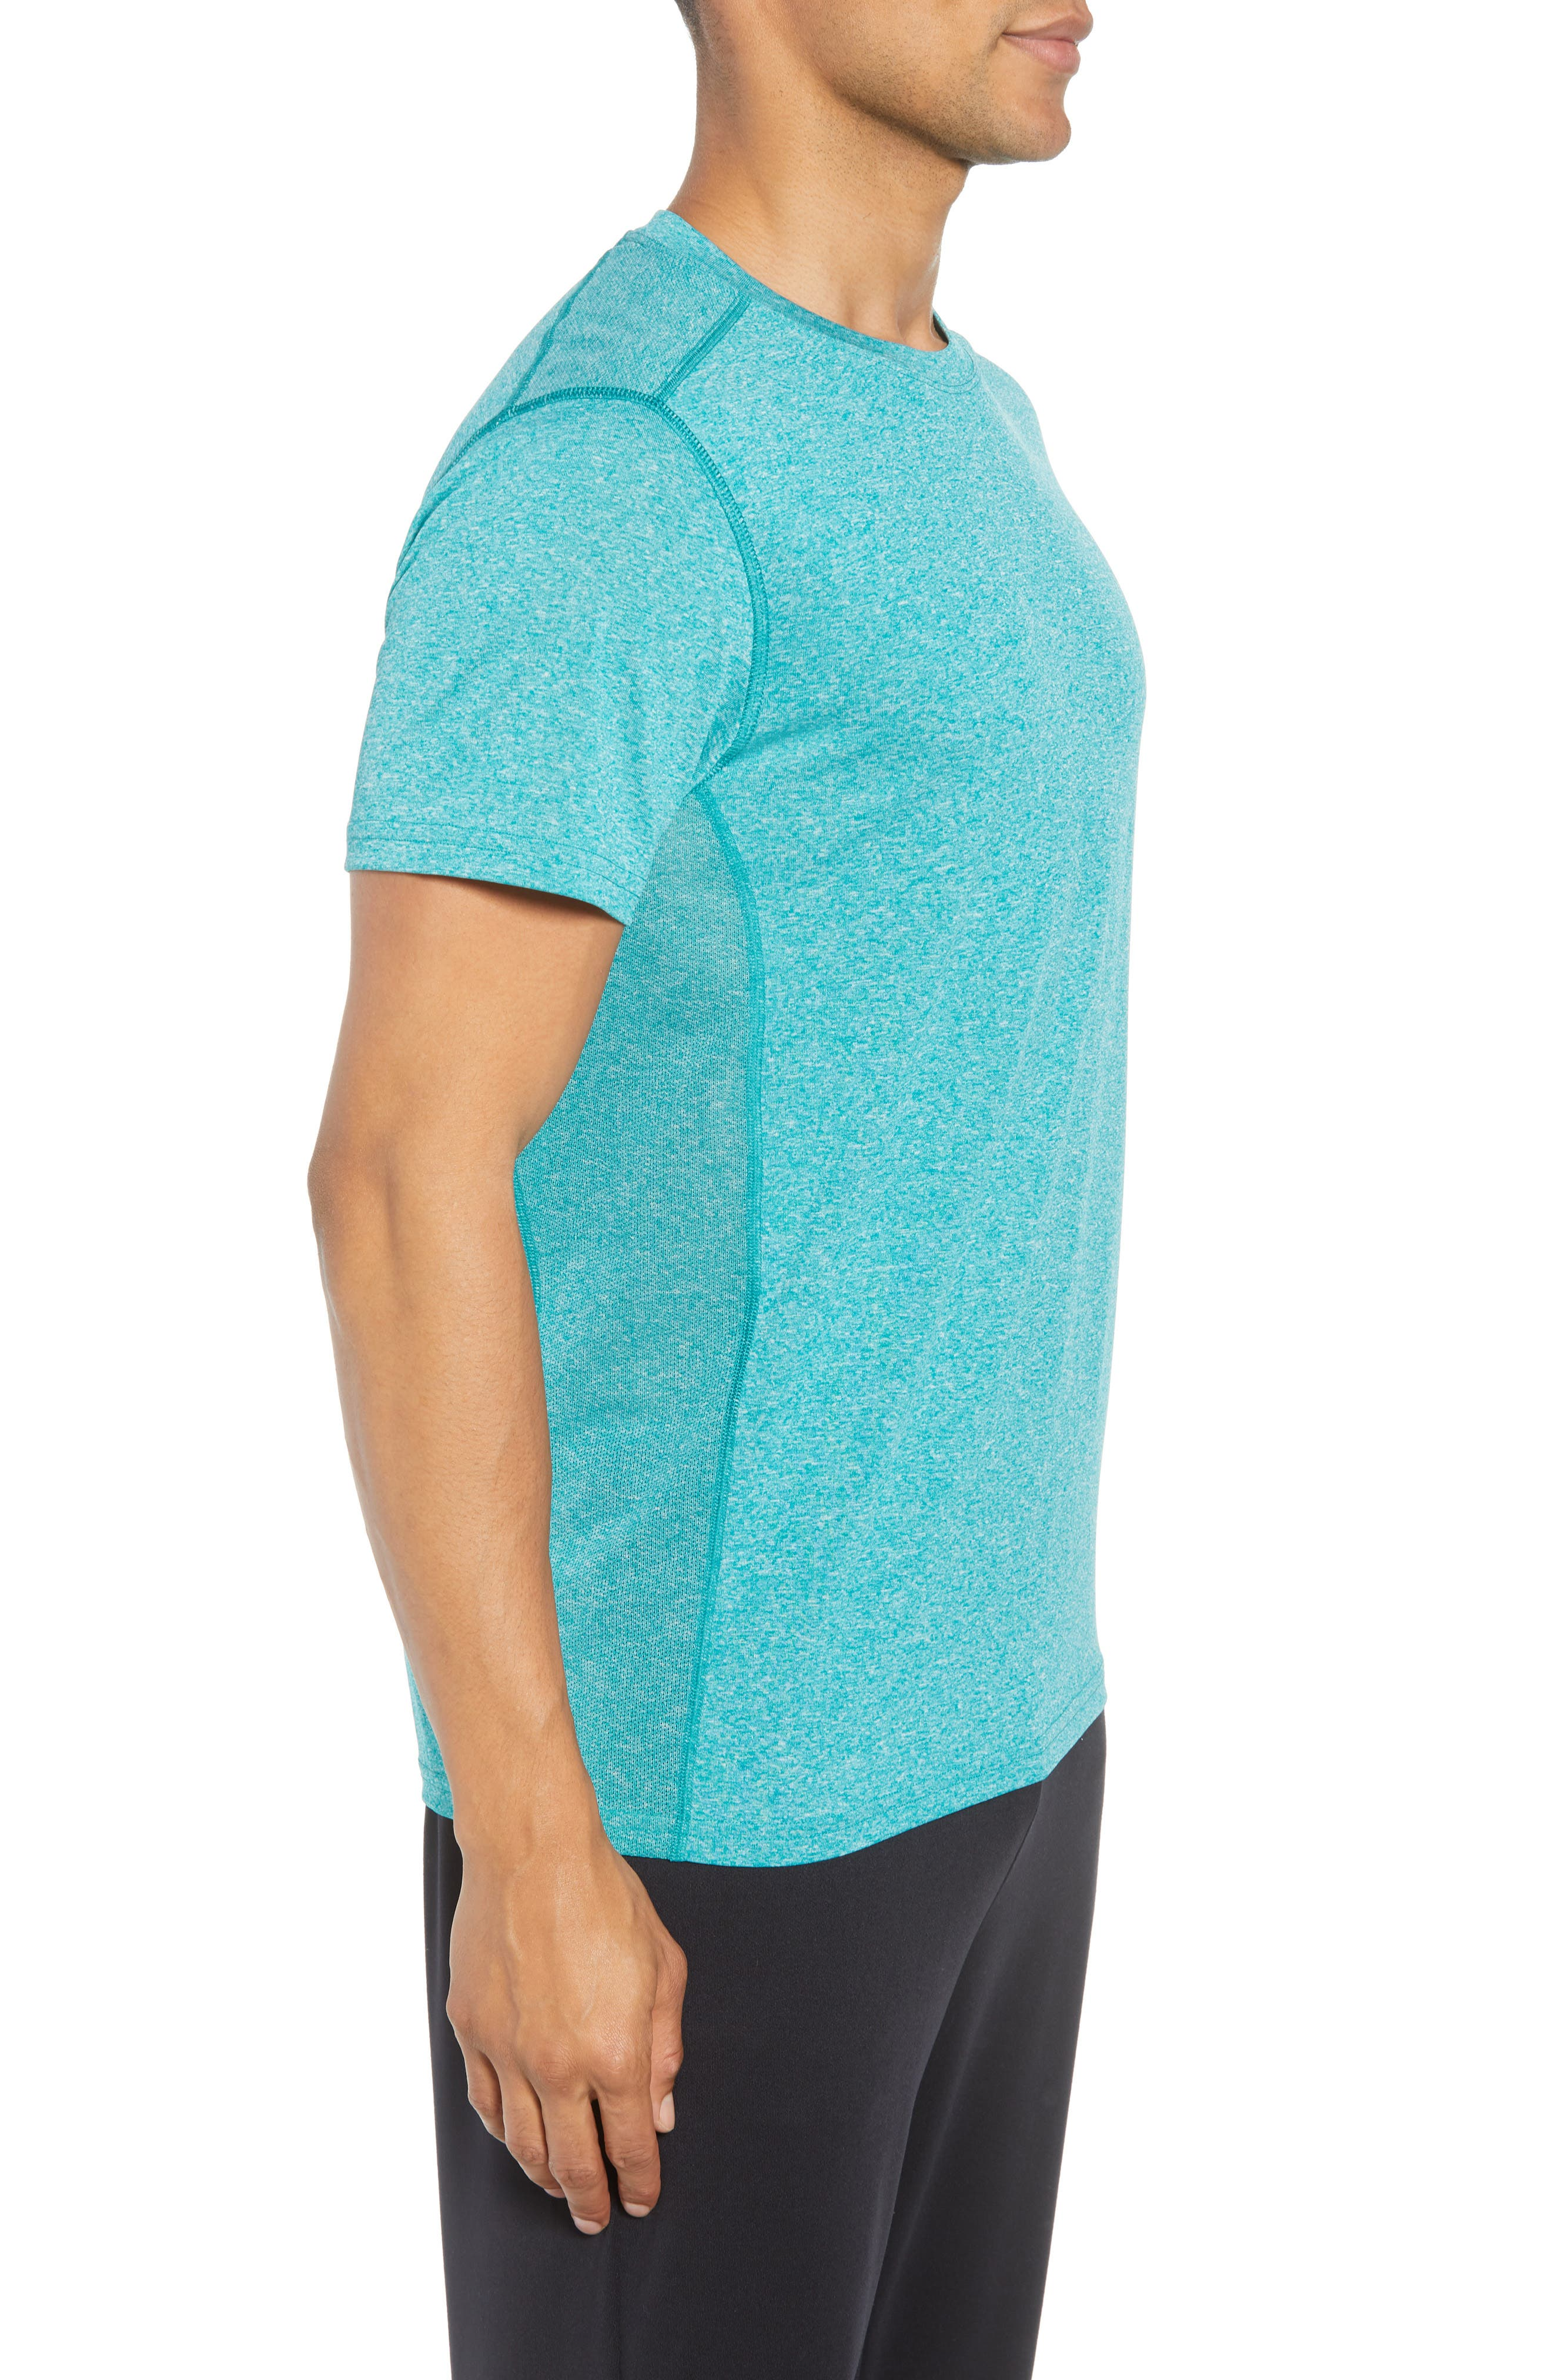 Goodsport Mesh Panel T-Shirt,                             Alternate thumbnail 16, color,